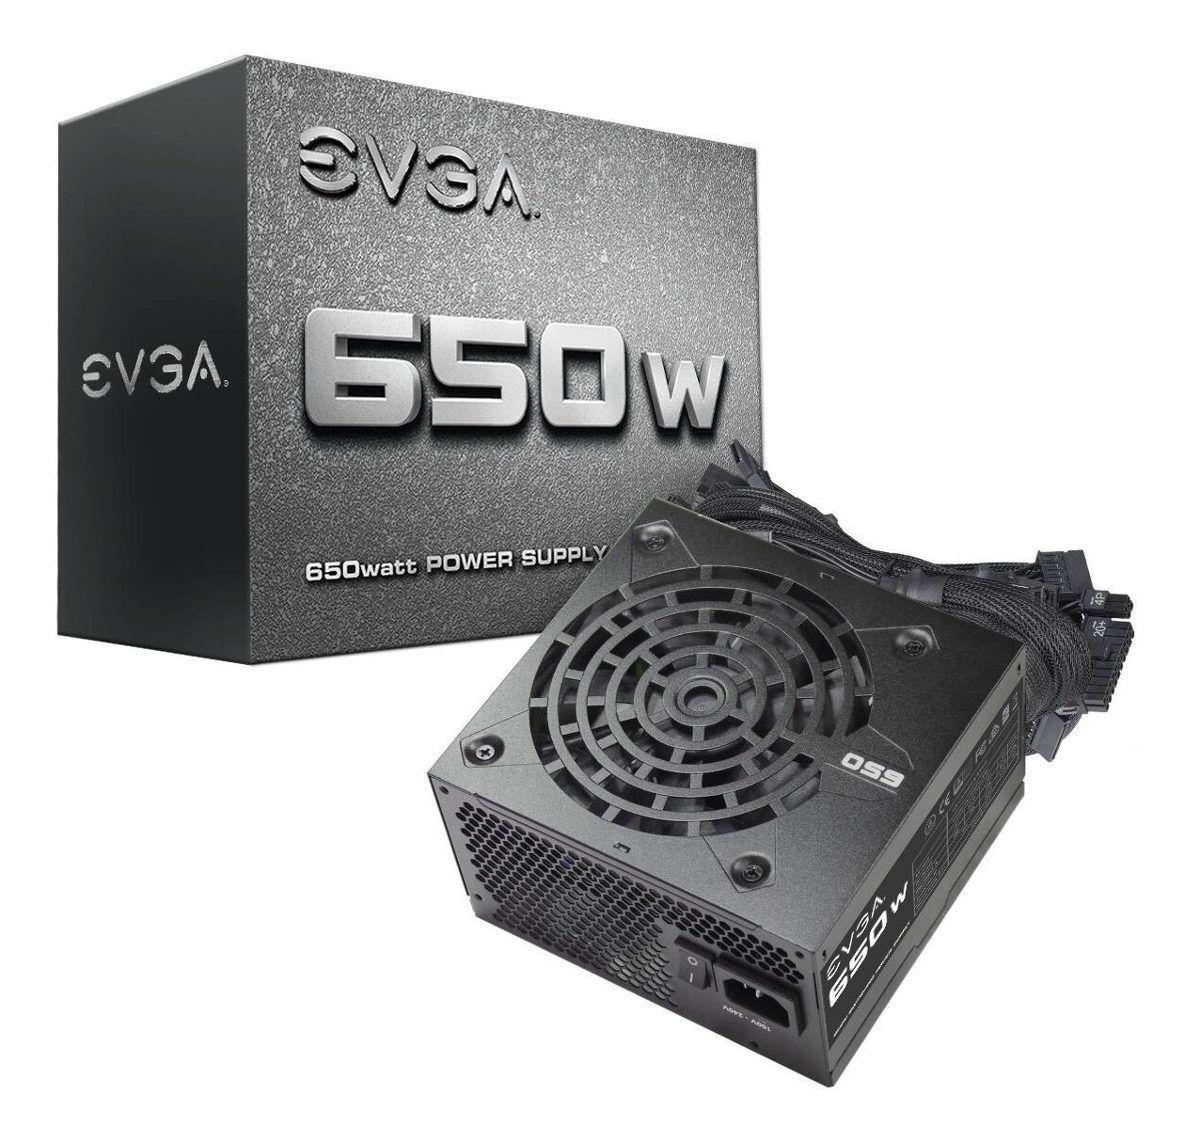 FONTE EVGA 650 W